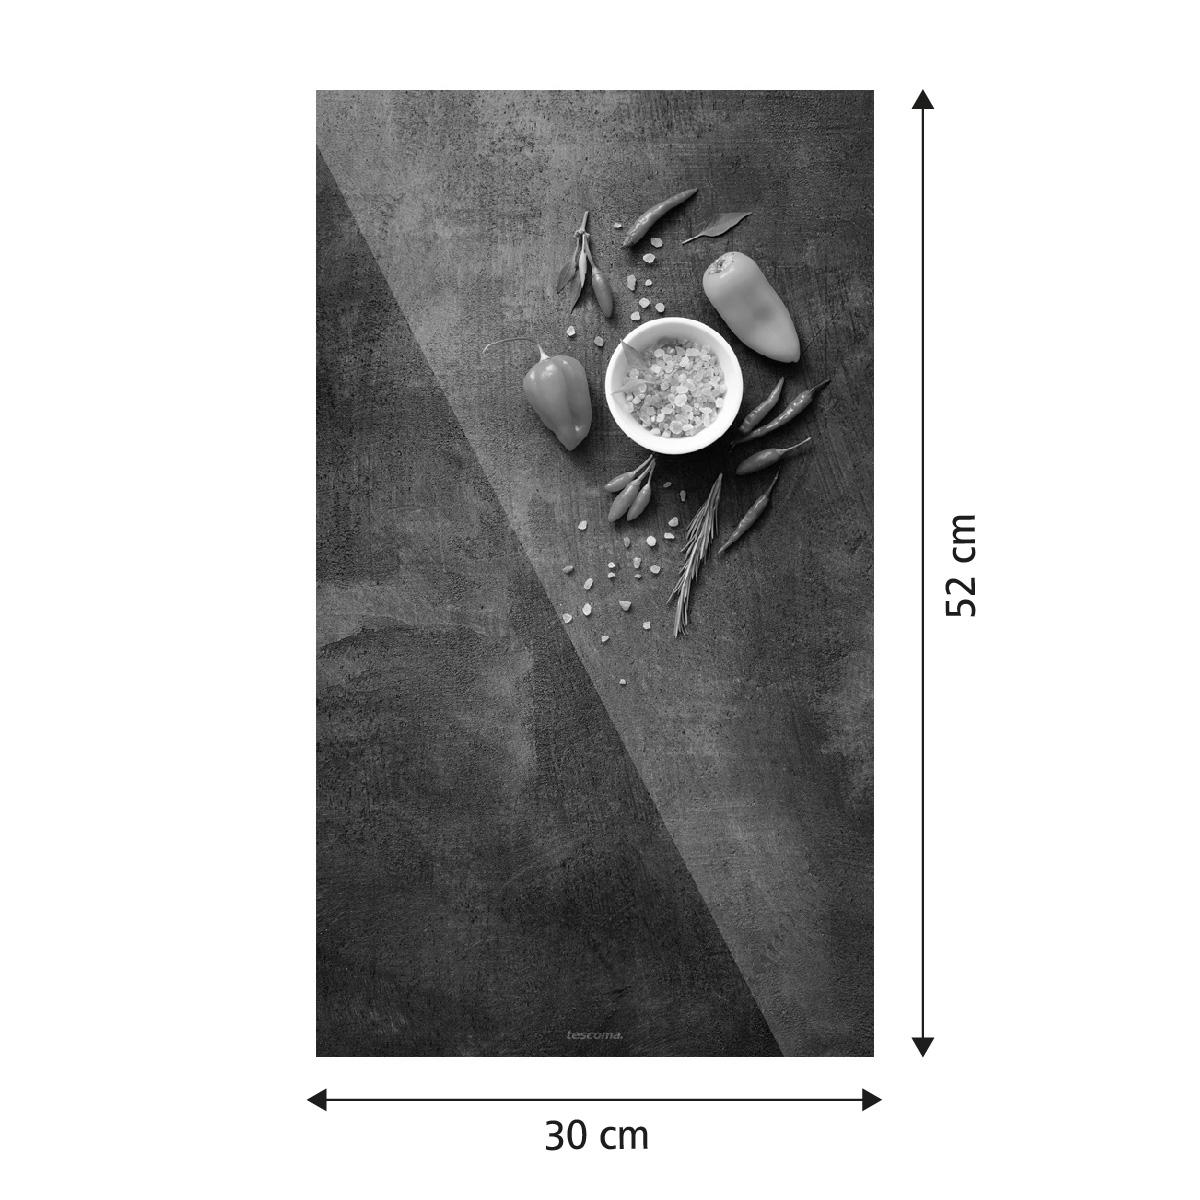 Skleněná odkládací deska na sporák ONLINE 30 x 52 cm, sůl a chilli